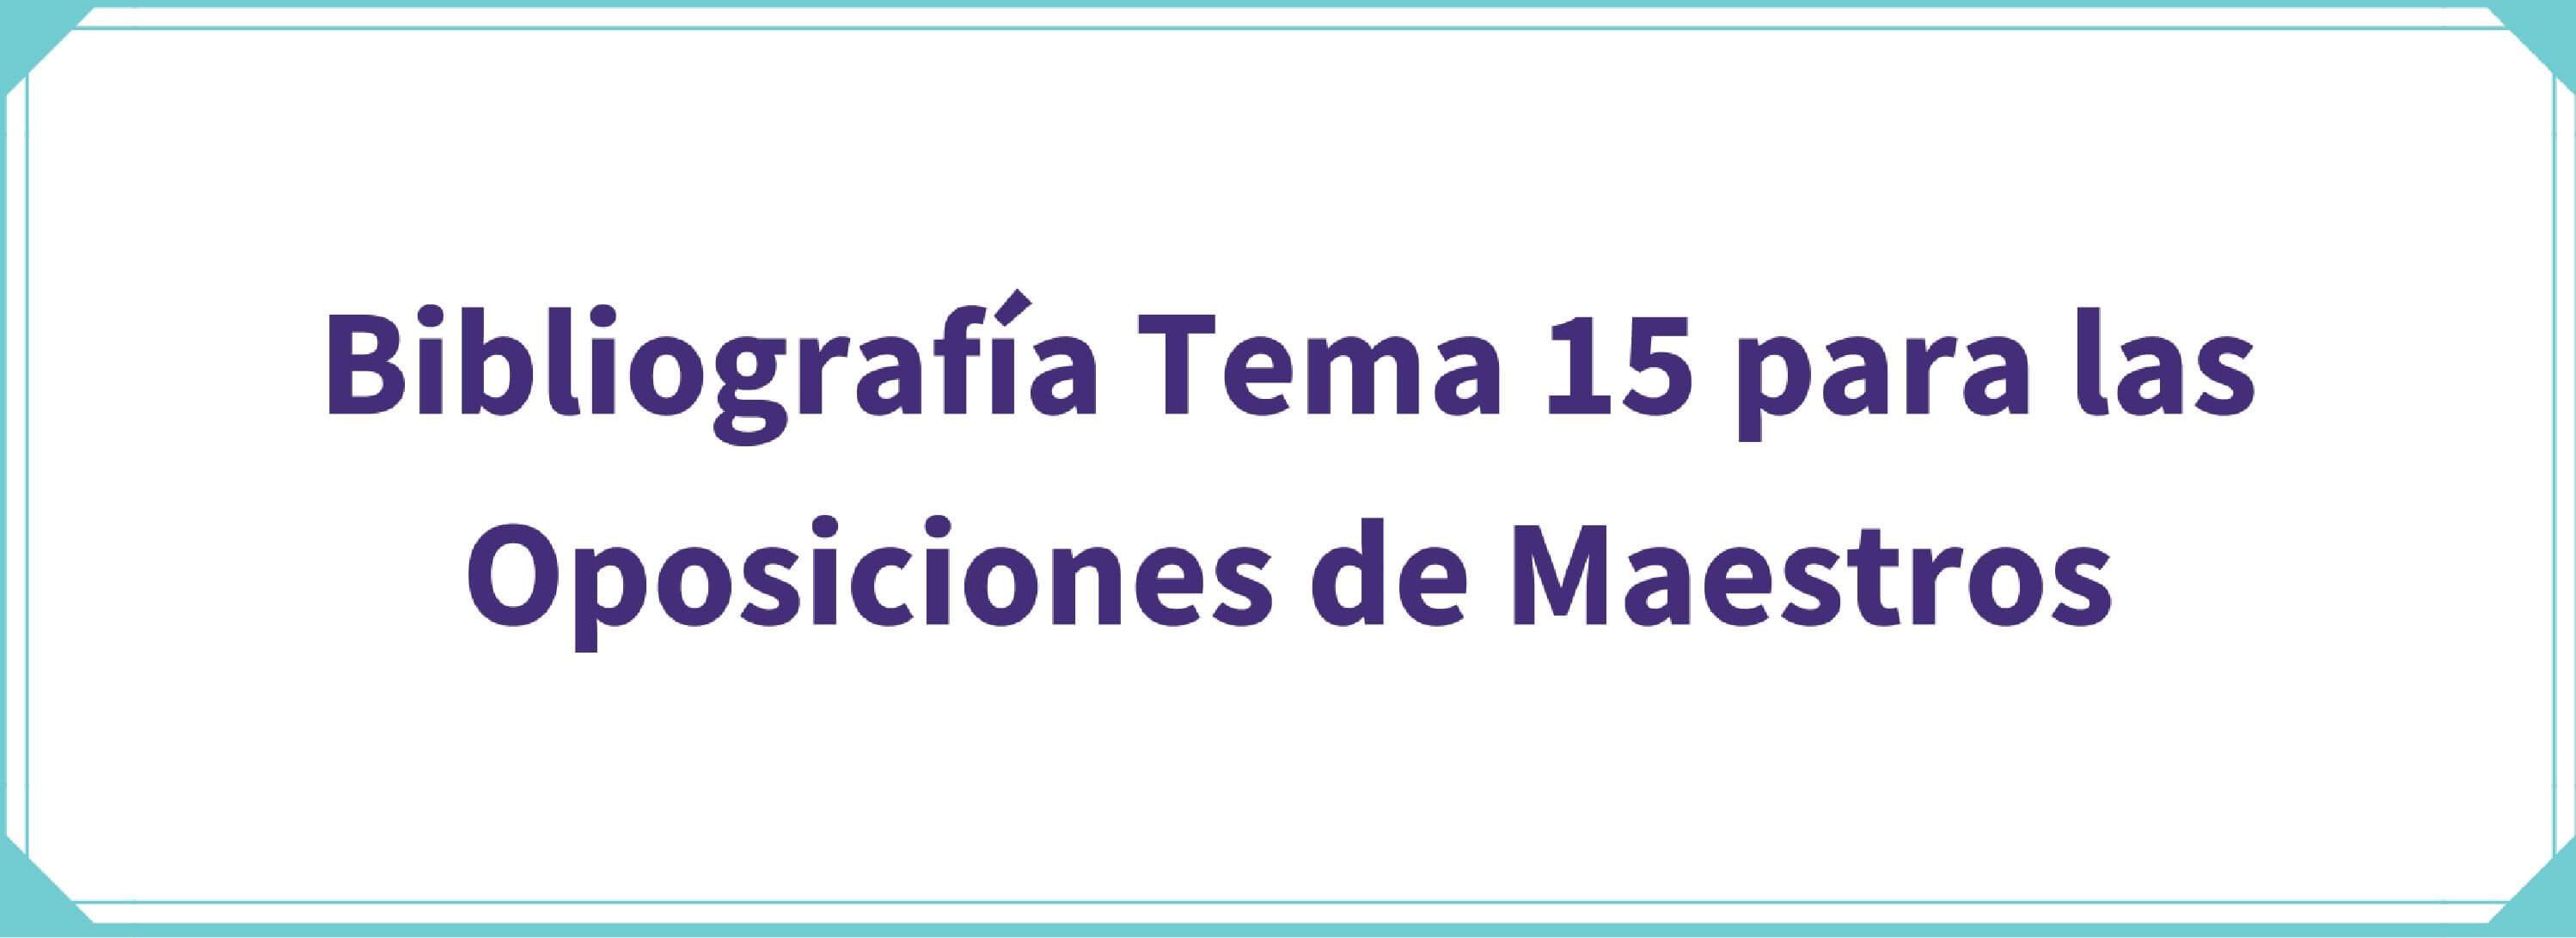 Bibliografía Tema 15 para las Oposiciones de Maestros